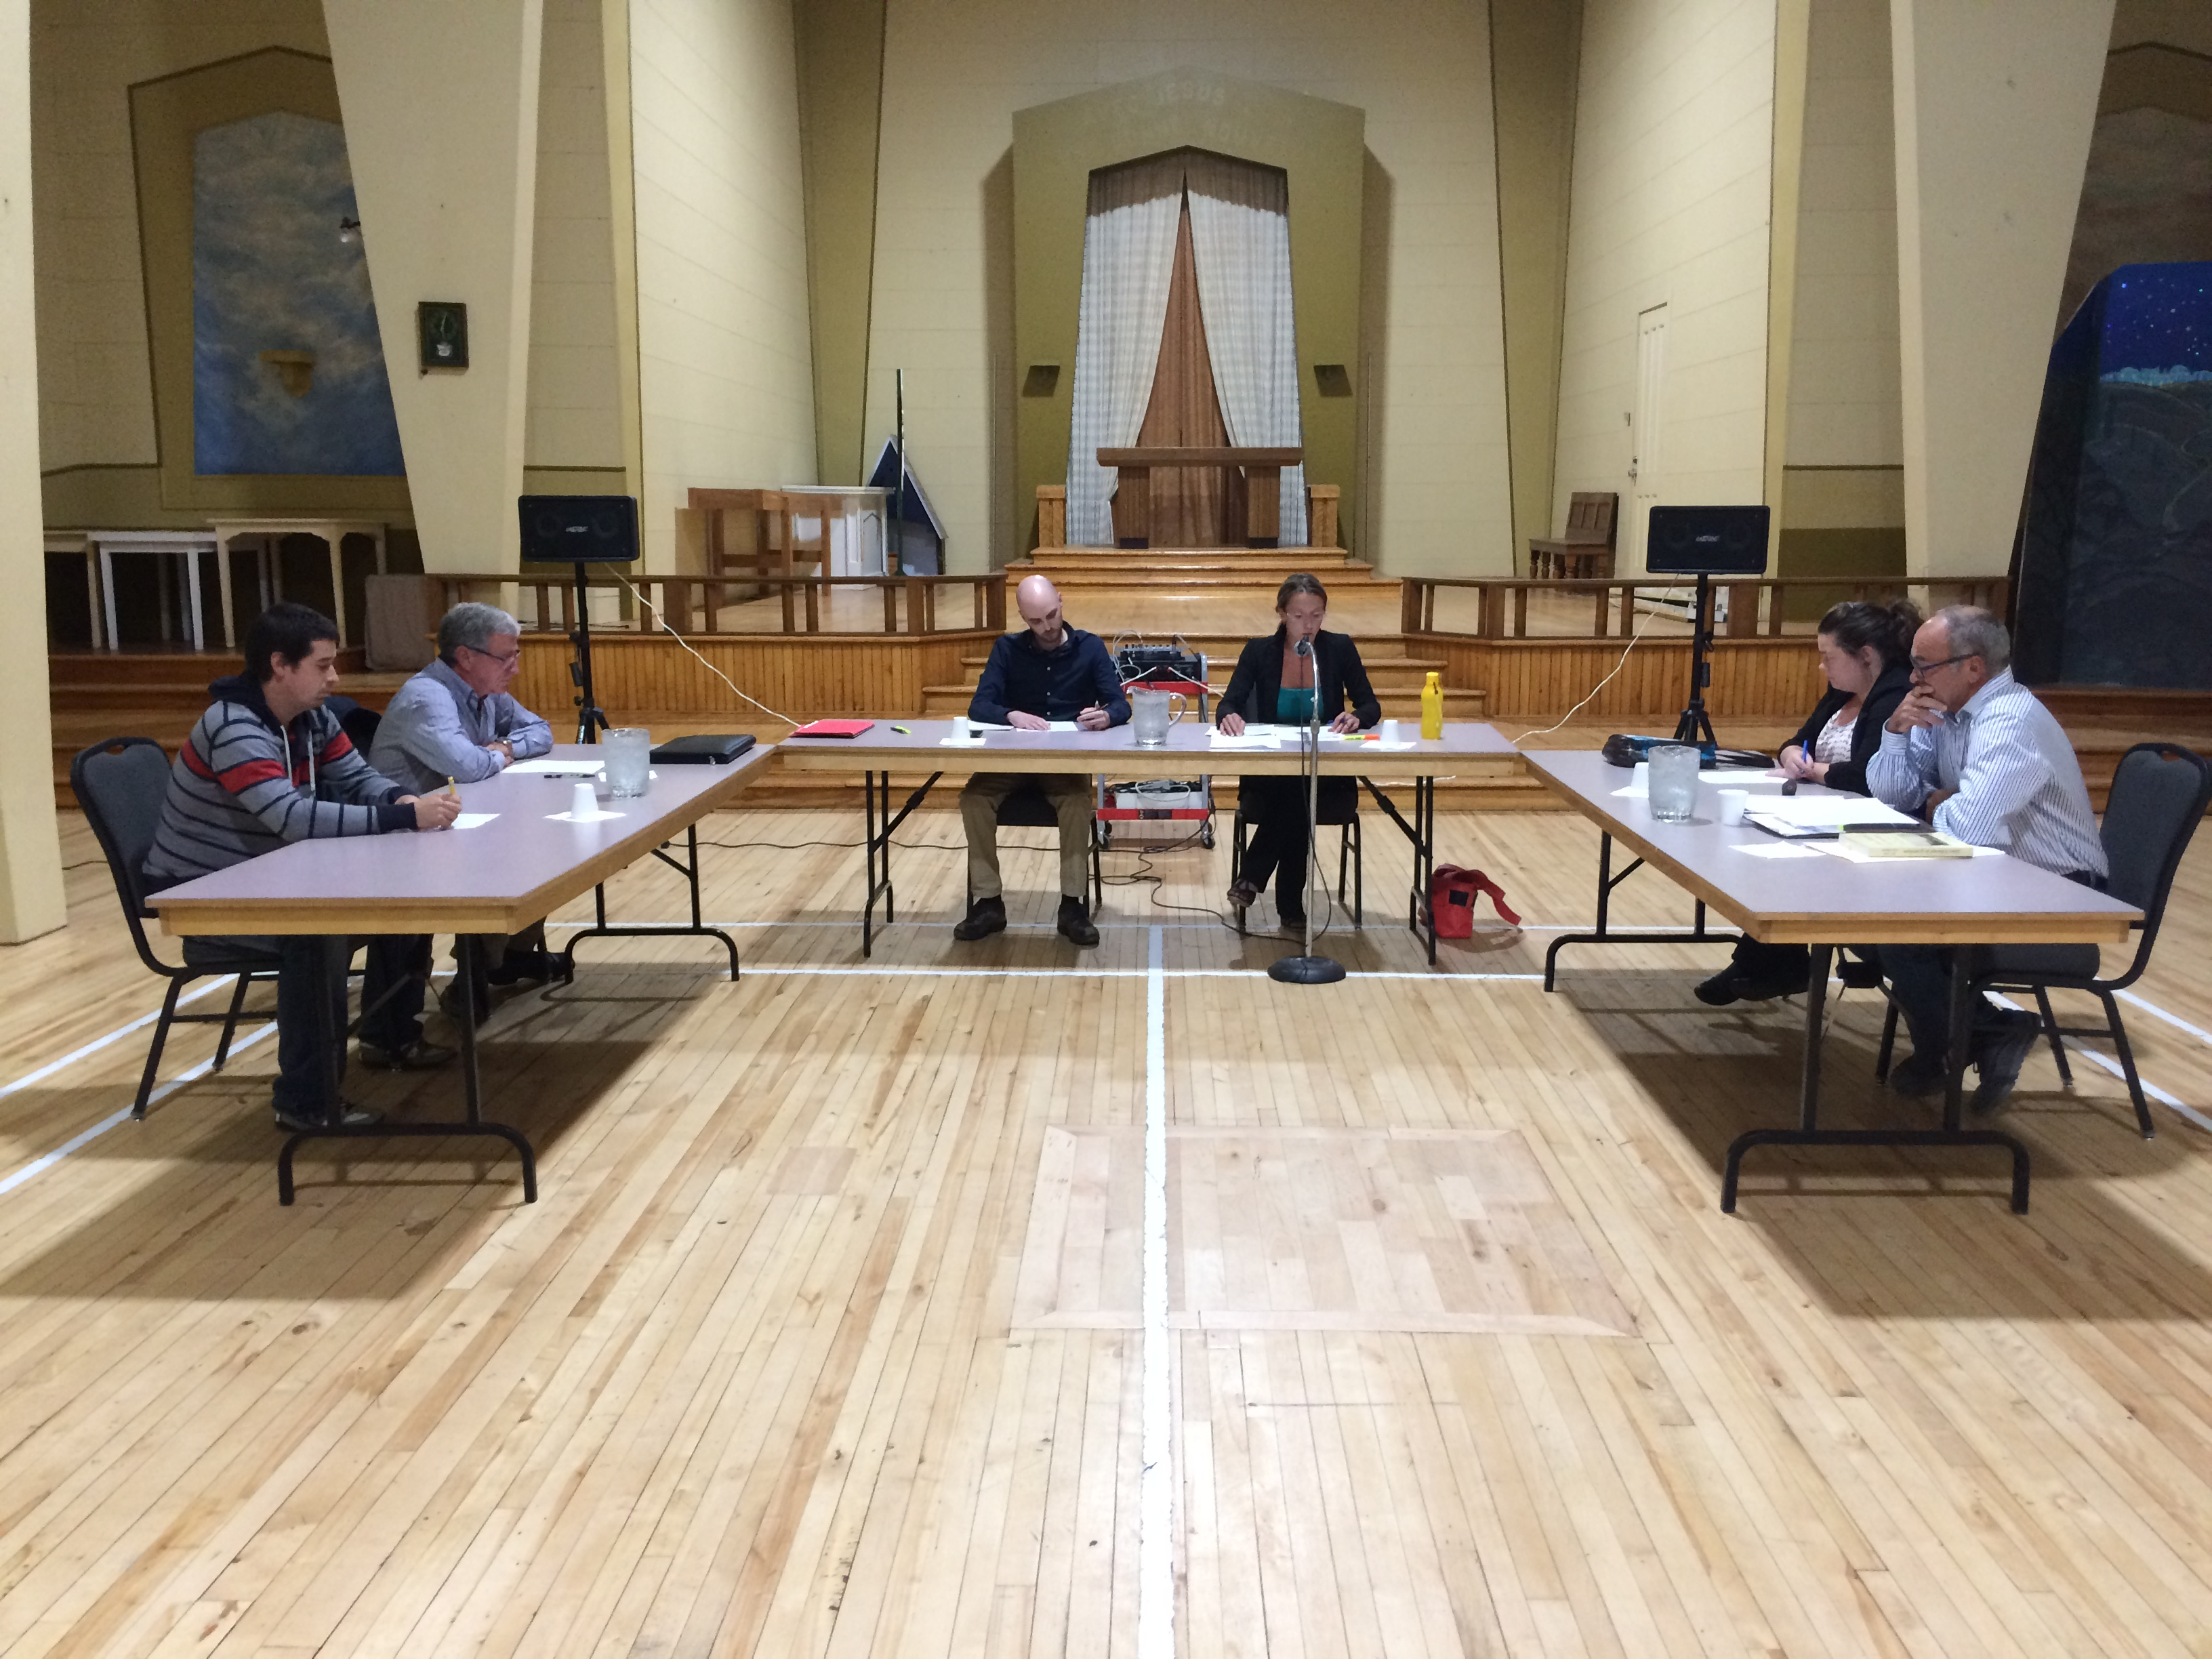 Élections à Saint-Edmond : victoire de Corriveau et Lafleur